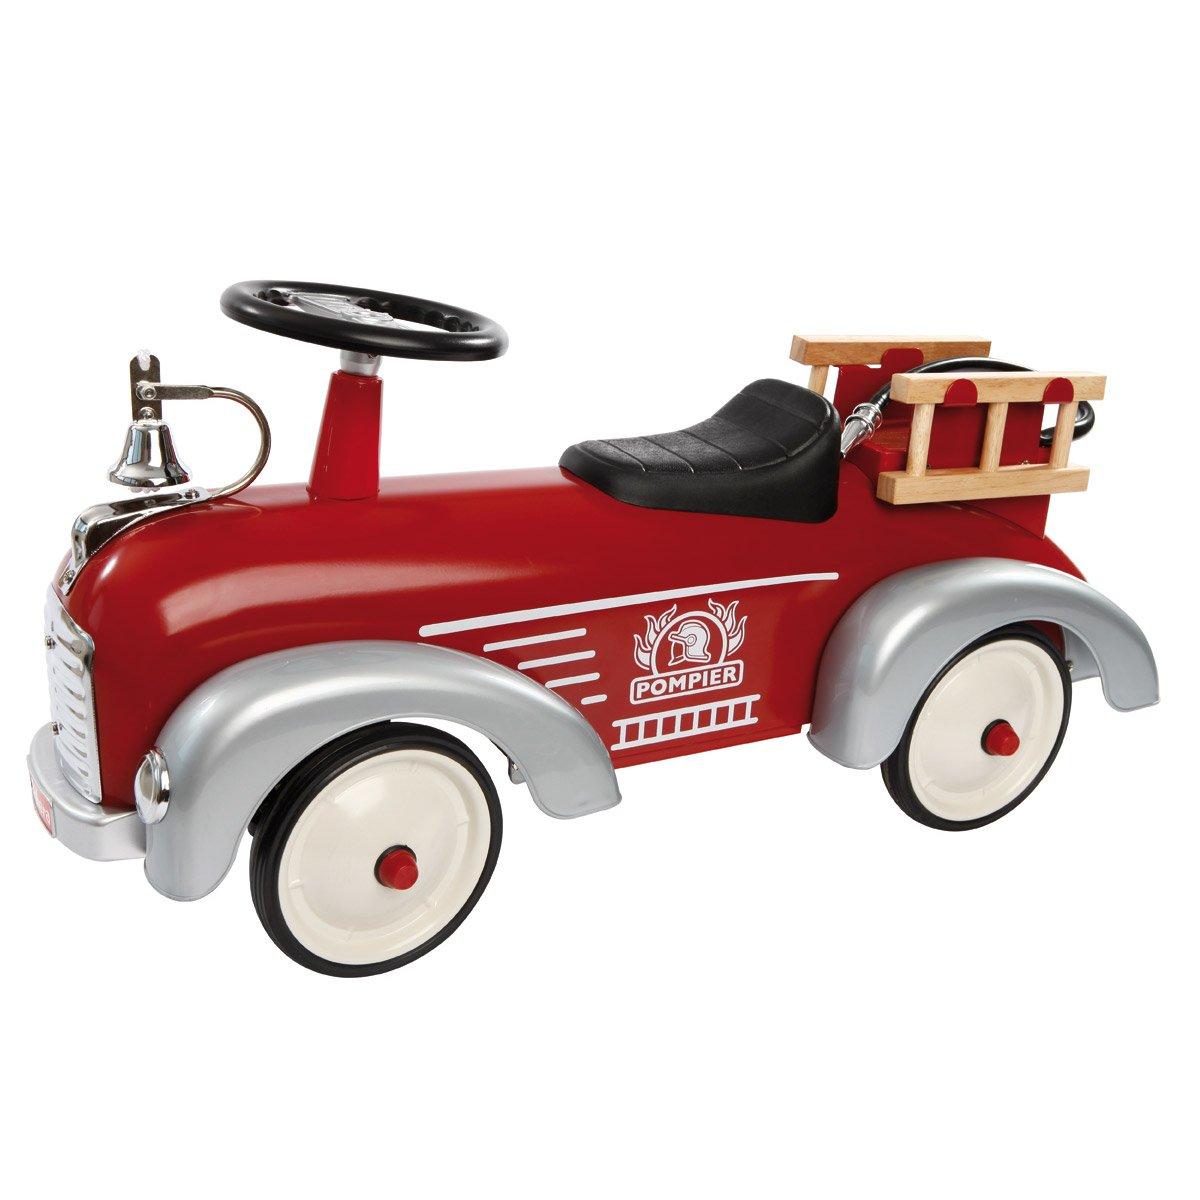 Porteur Speedster Pompier de Baghera, Porteurs   Aubert c014411ae41